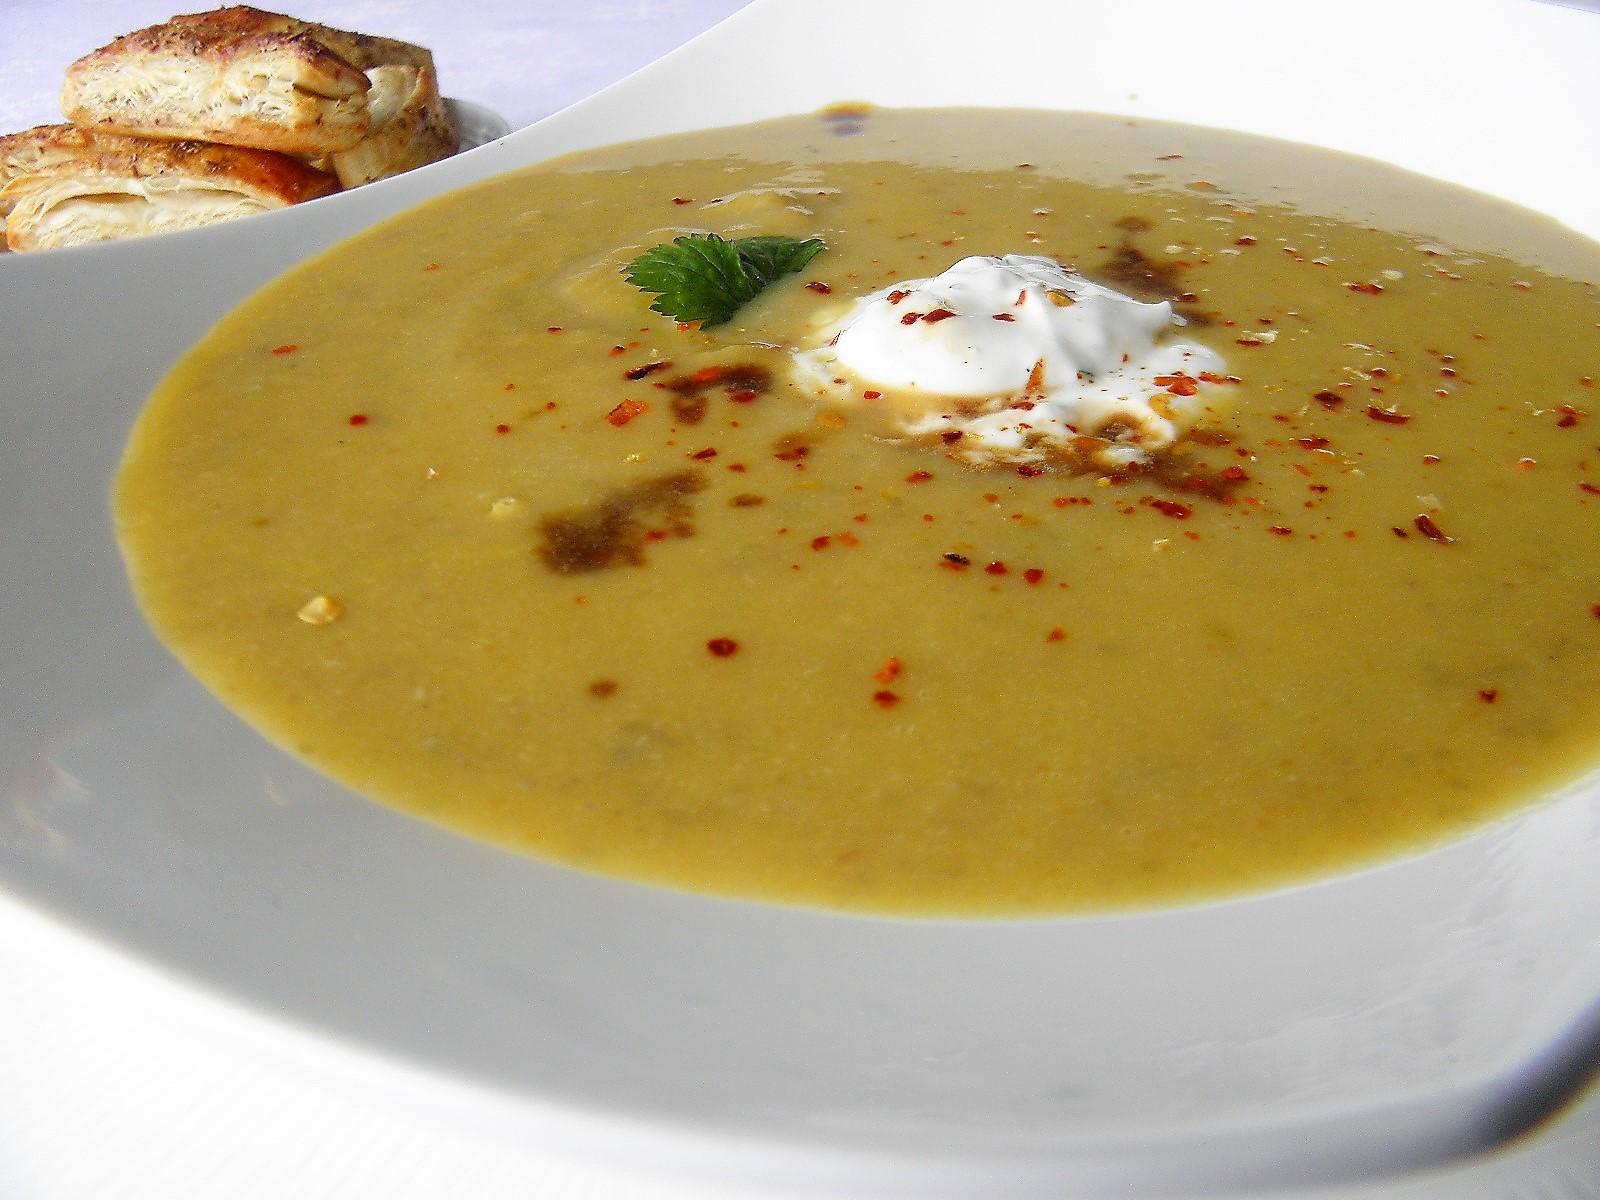 Batátovo-čočková polévka se zázvorem